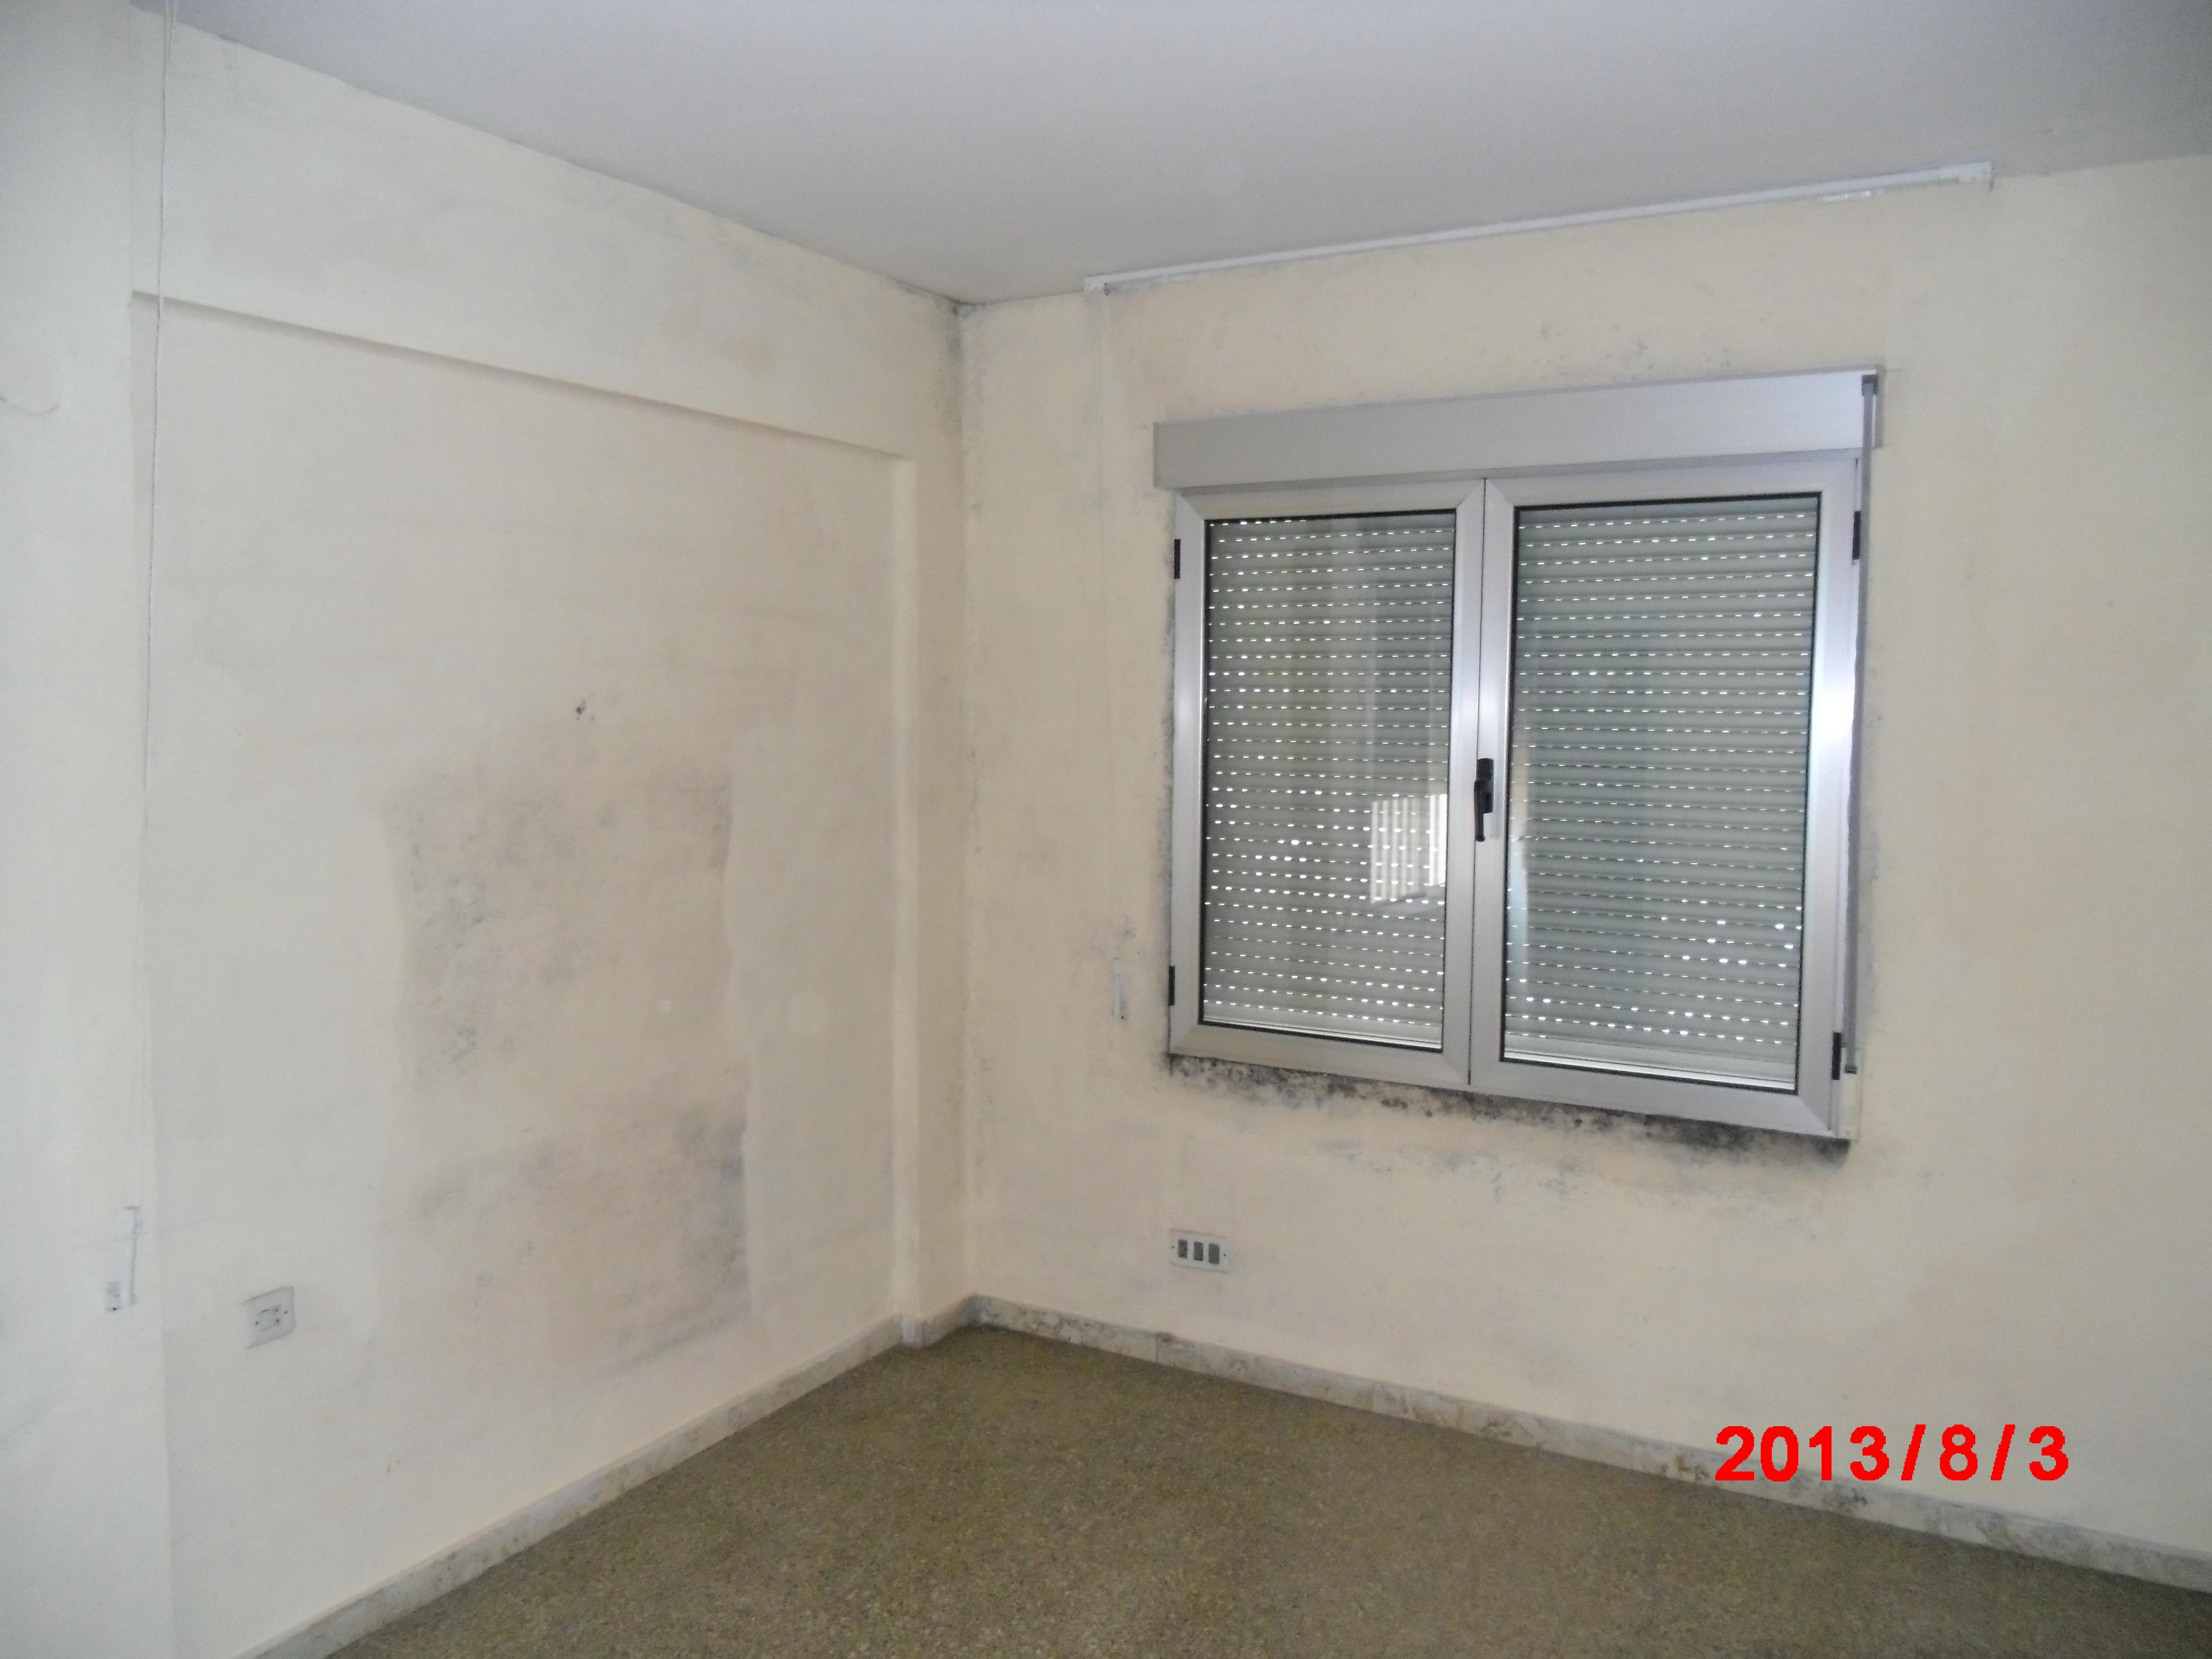 Humedad por condensaci n rub n clavijo gonz lez - Humedad en la pared ...